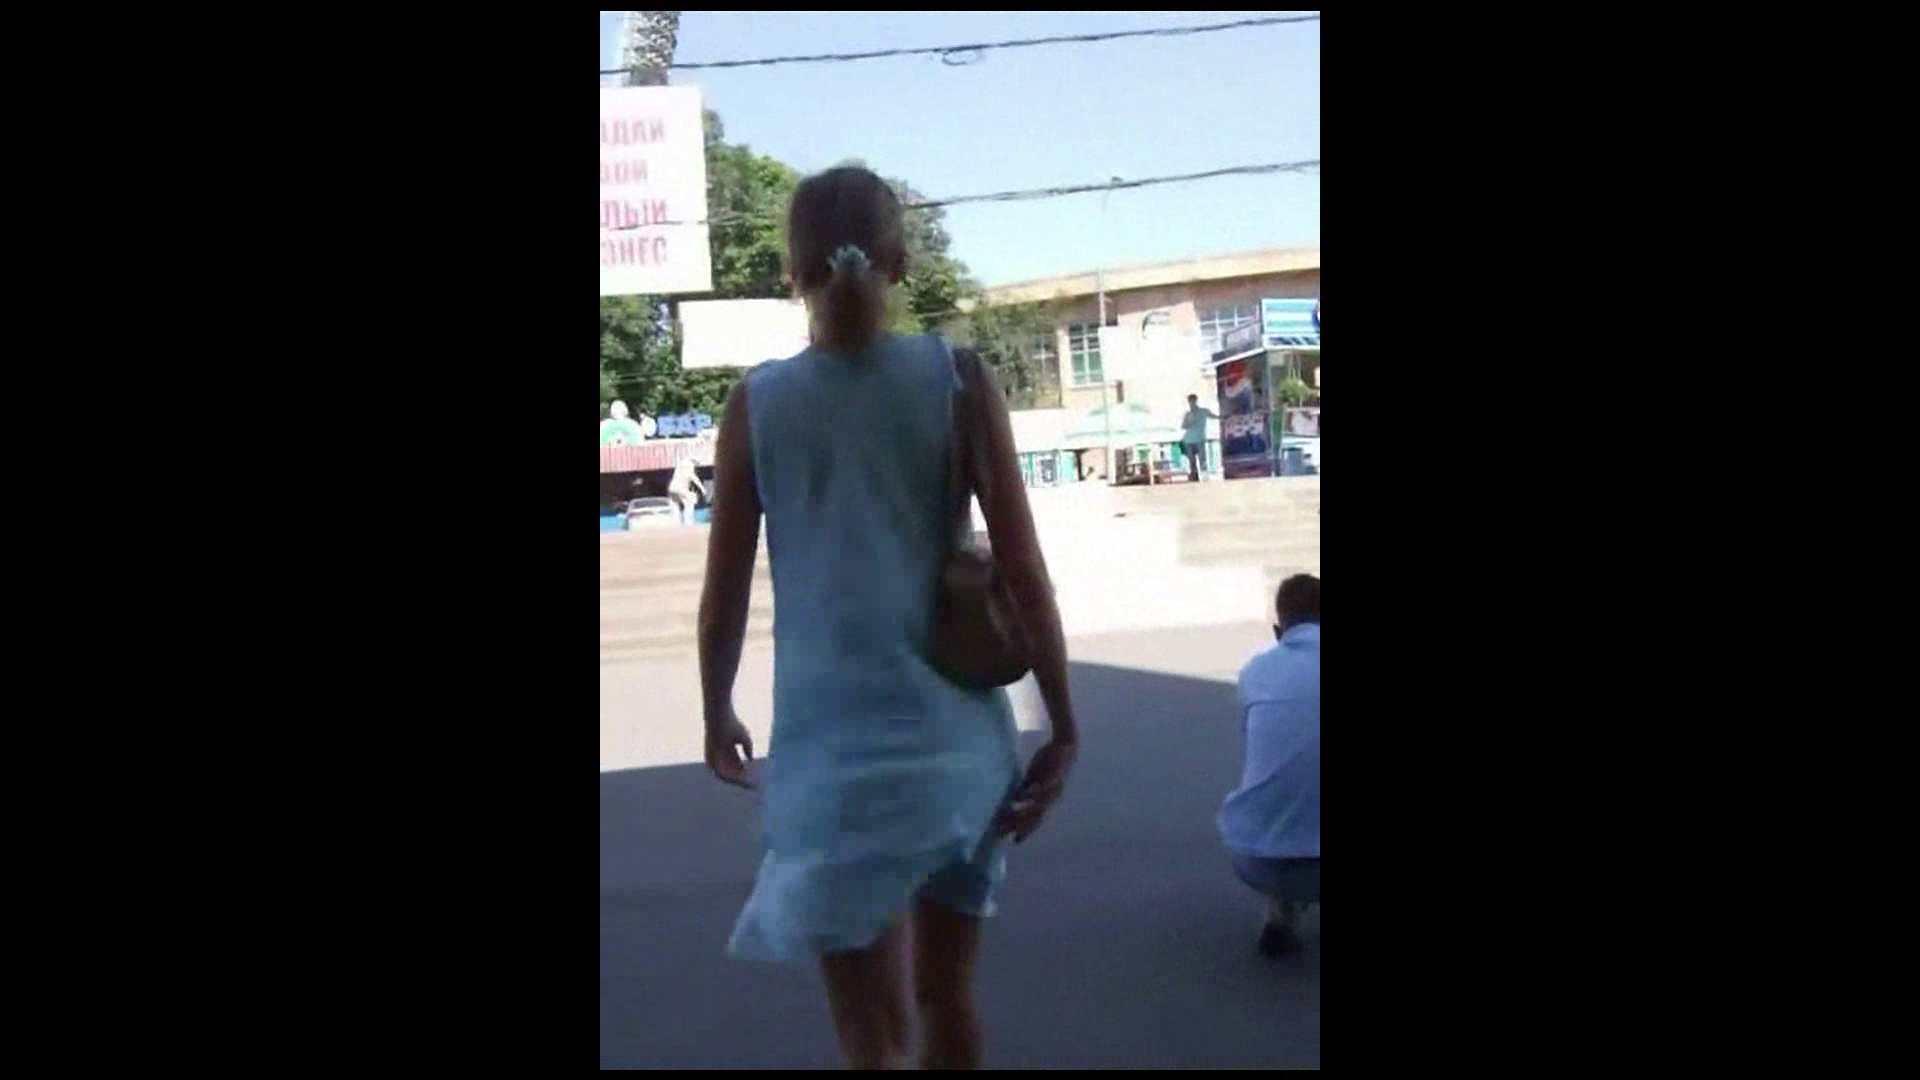 綺麗なモデルさんのスカート捲っちゃおう‼vol03 お姉さんのエロ生活  98連発 48